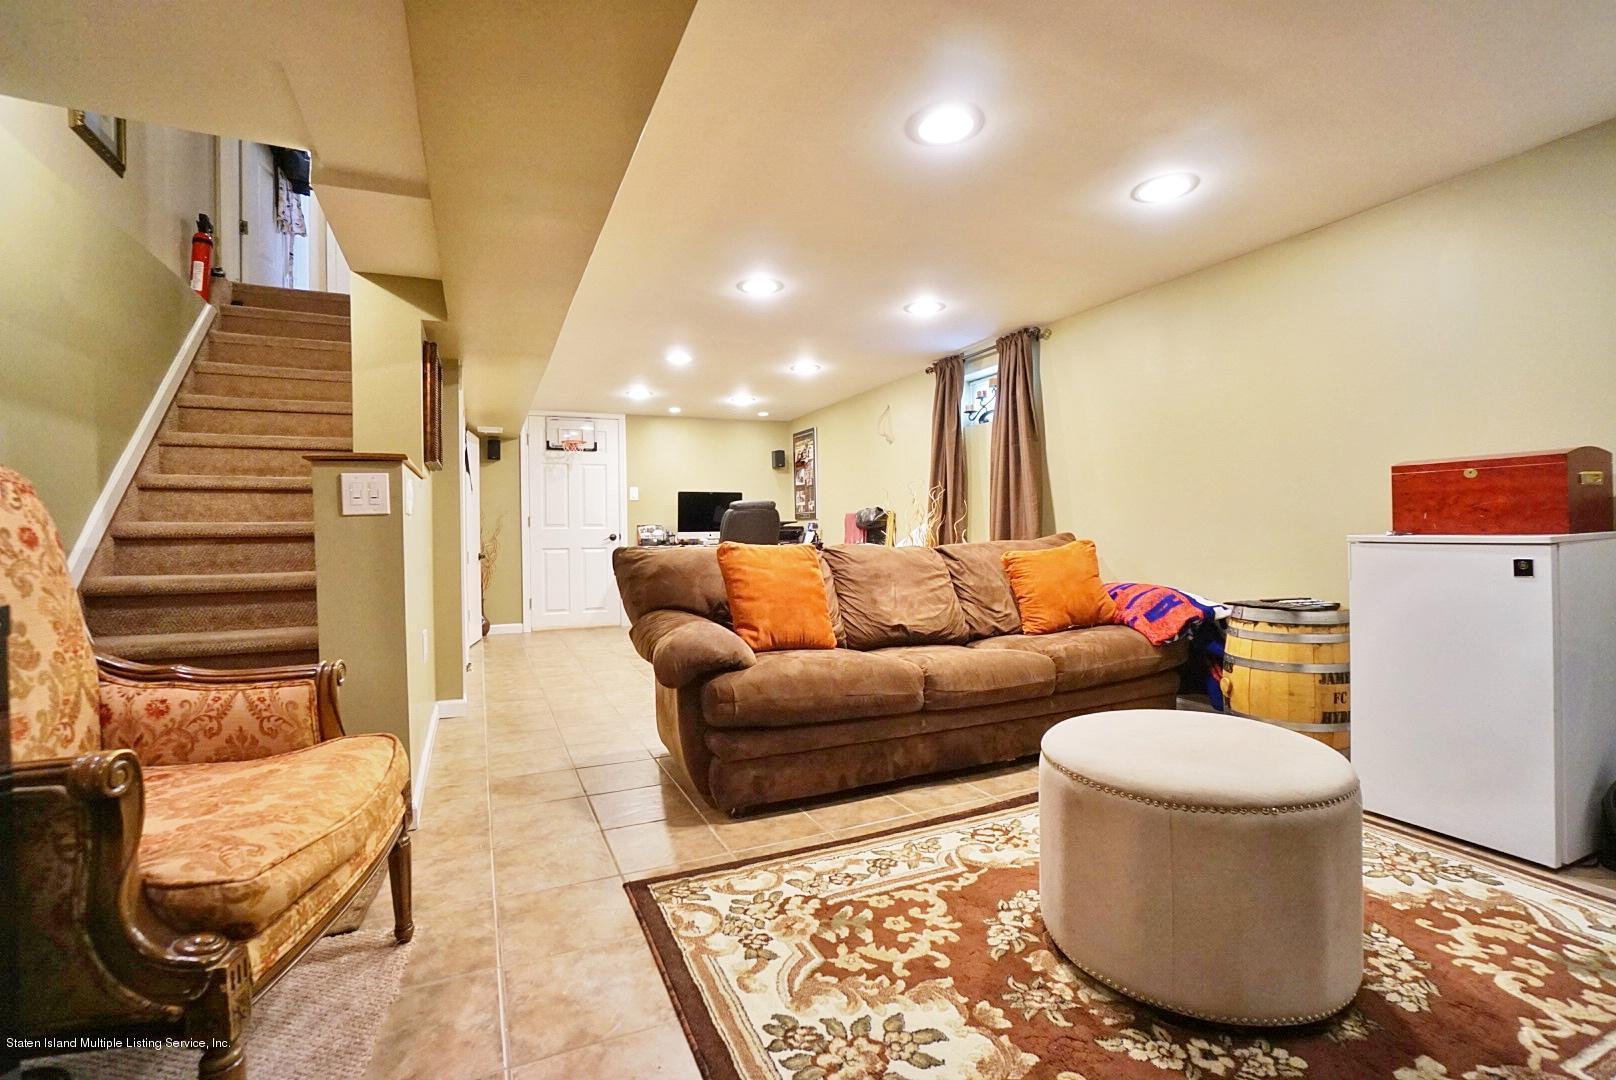 Single Family - Semi-Attached 366 Fairbanks Avenue  Staten Island, NY 10306, MLS-1127458-19